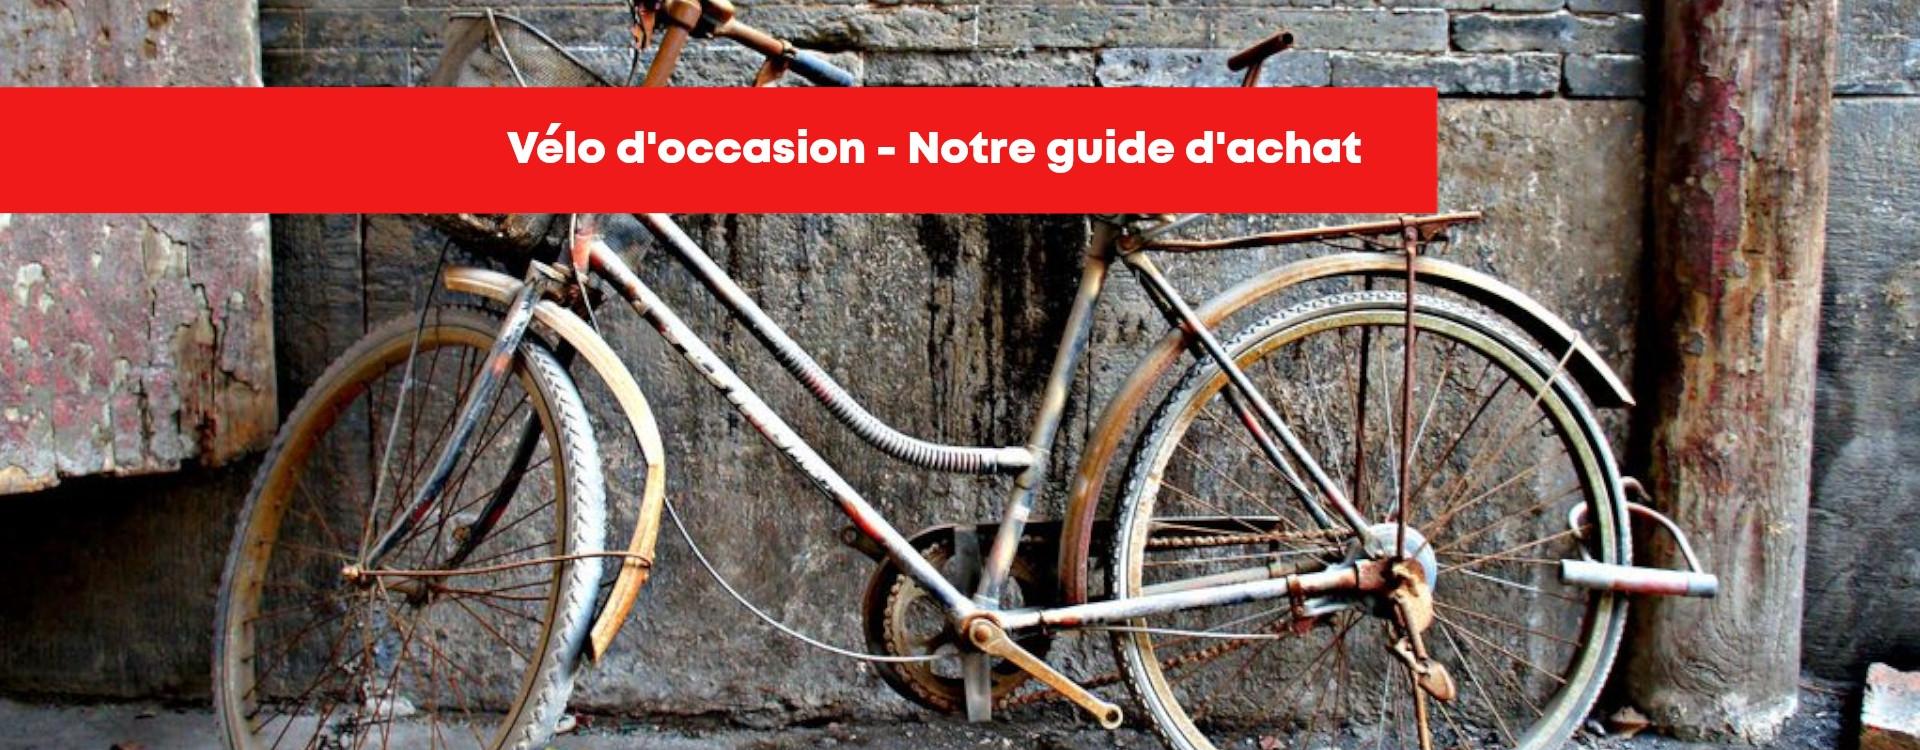 Vélo d'occasion troc vélo - decathlon - leboncoin - vélo troc - Notre guide d'achat